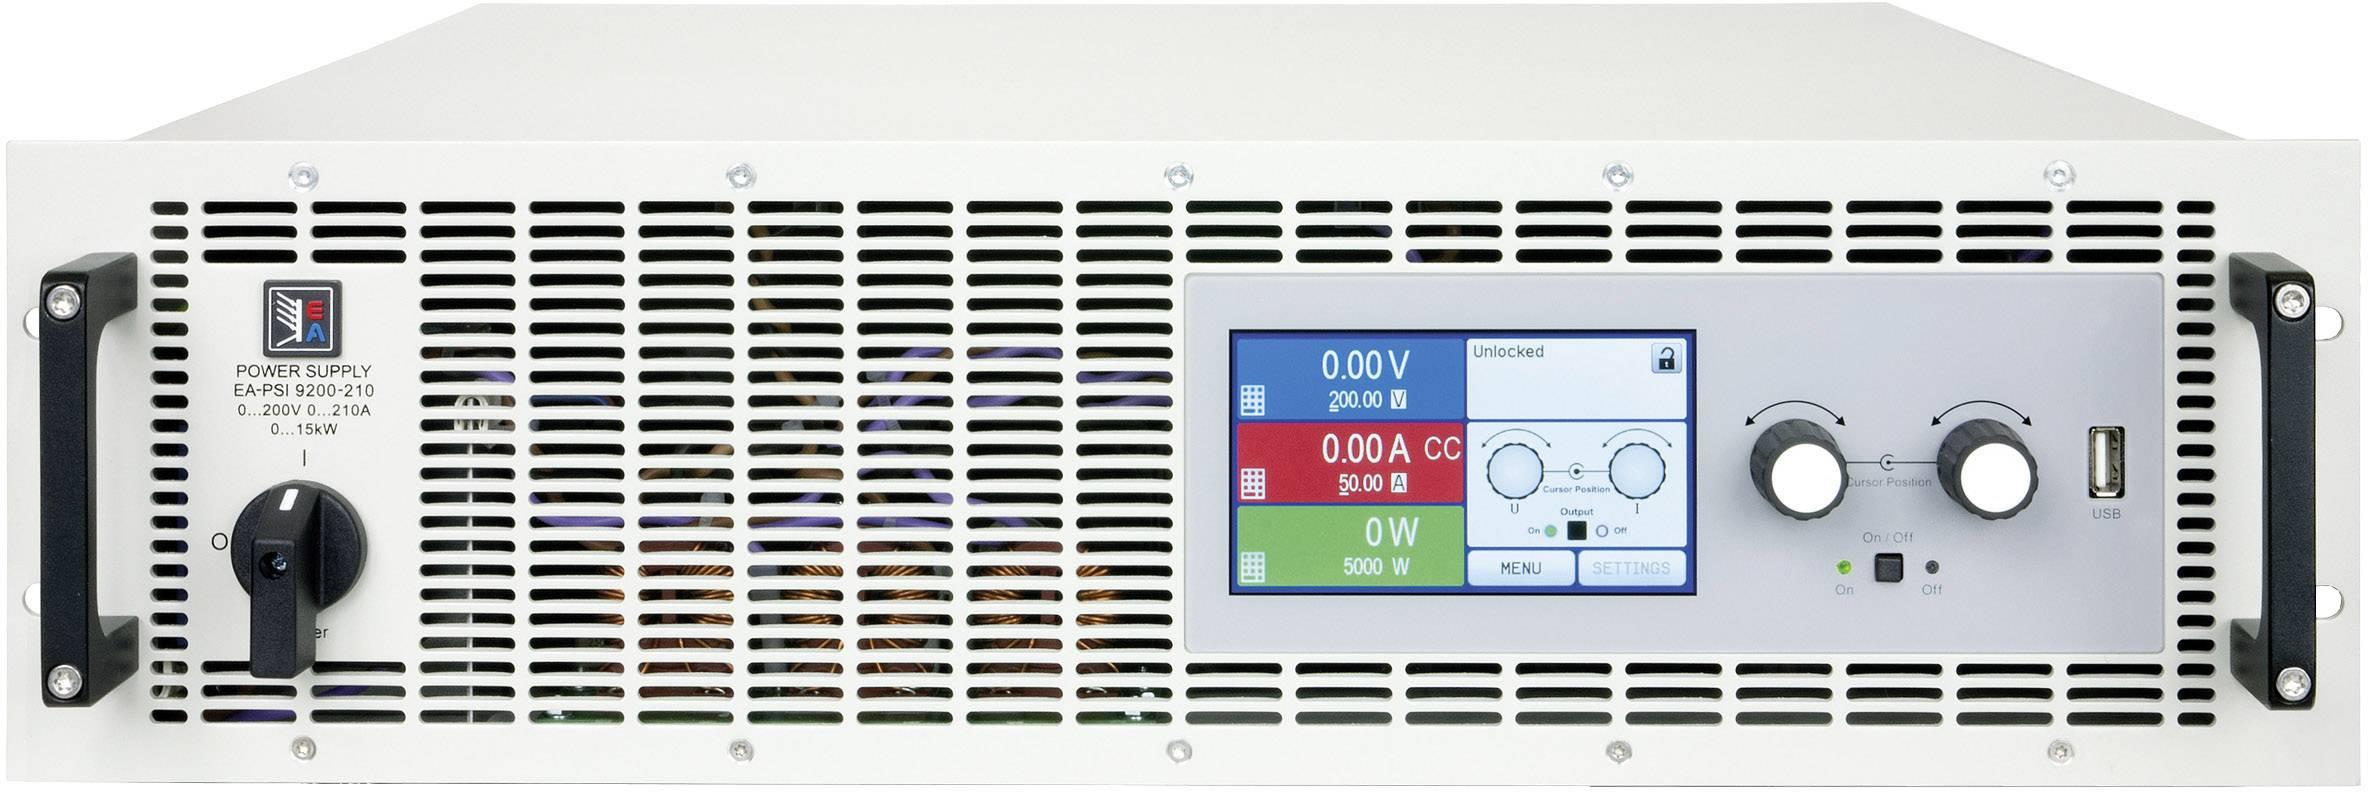 Programovateľný laboratórny zdroj EA EA-PSI 9080-170, 3U, 80 V, 170 A, 5000 W, USB